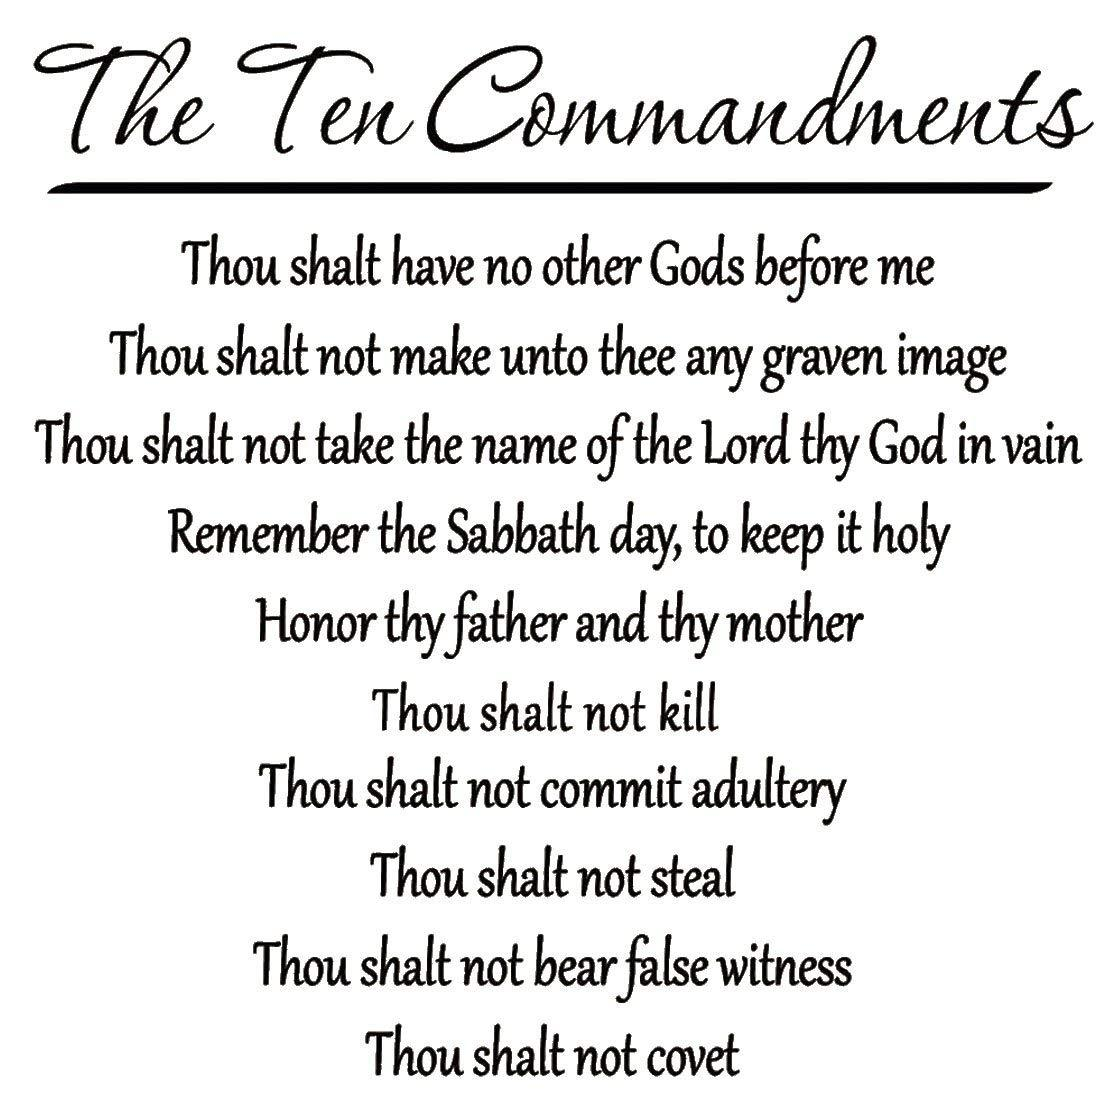 10 Commandments Wall Decal Bible Verse Ten Commandments Wall Art Scripture Quotes Faith Faith Quotes 10 Commandments